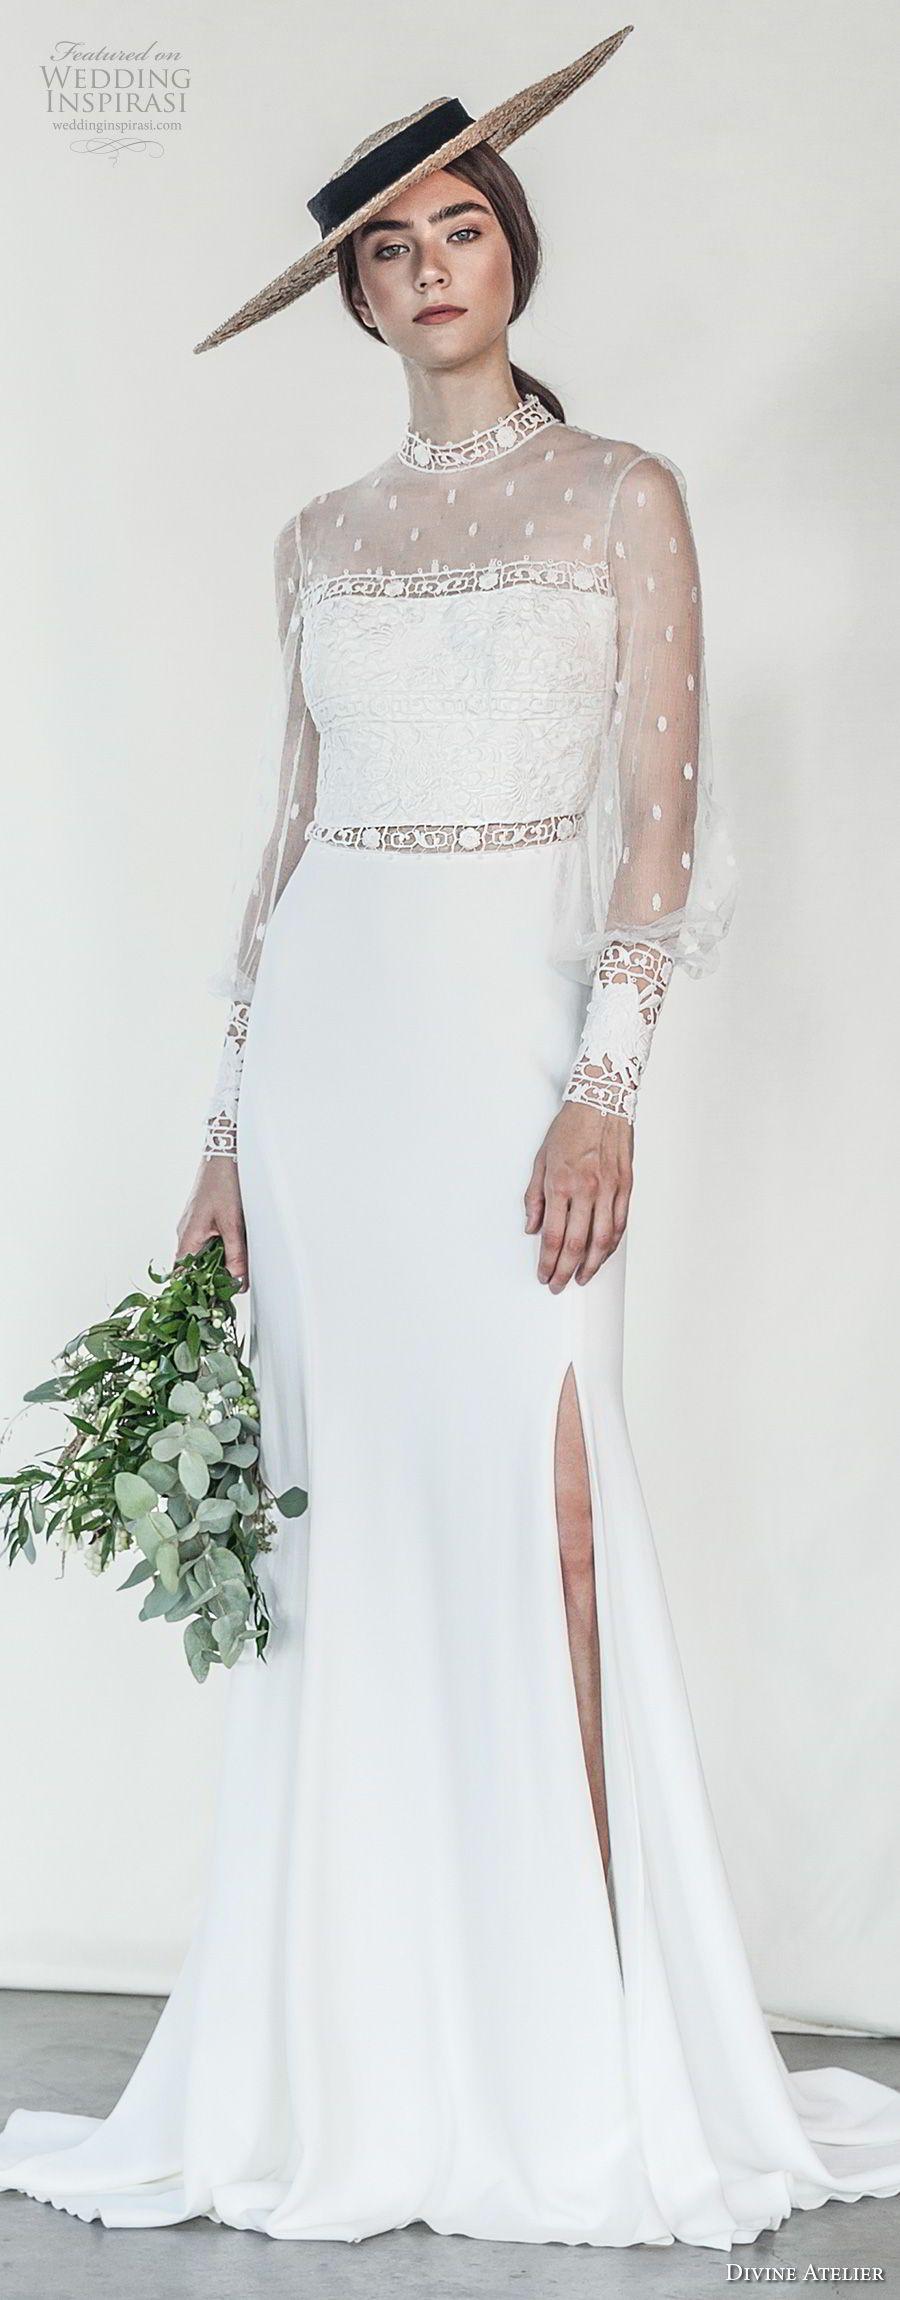 Divine atelier wedding dresses divine atelier slit skirt and